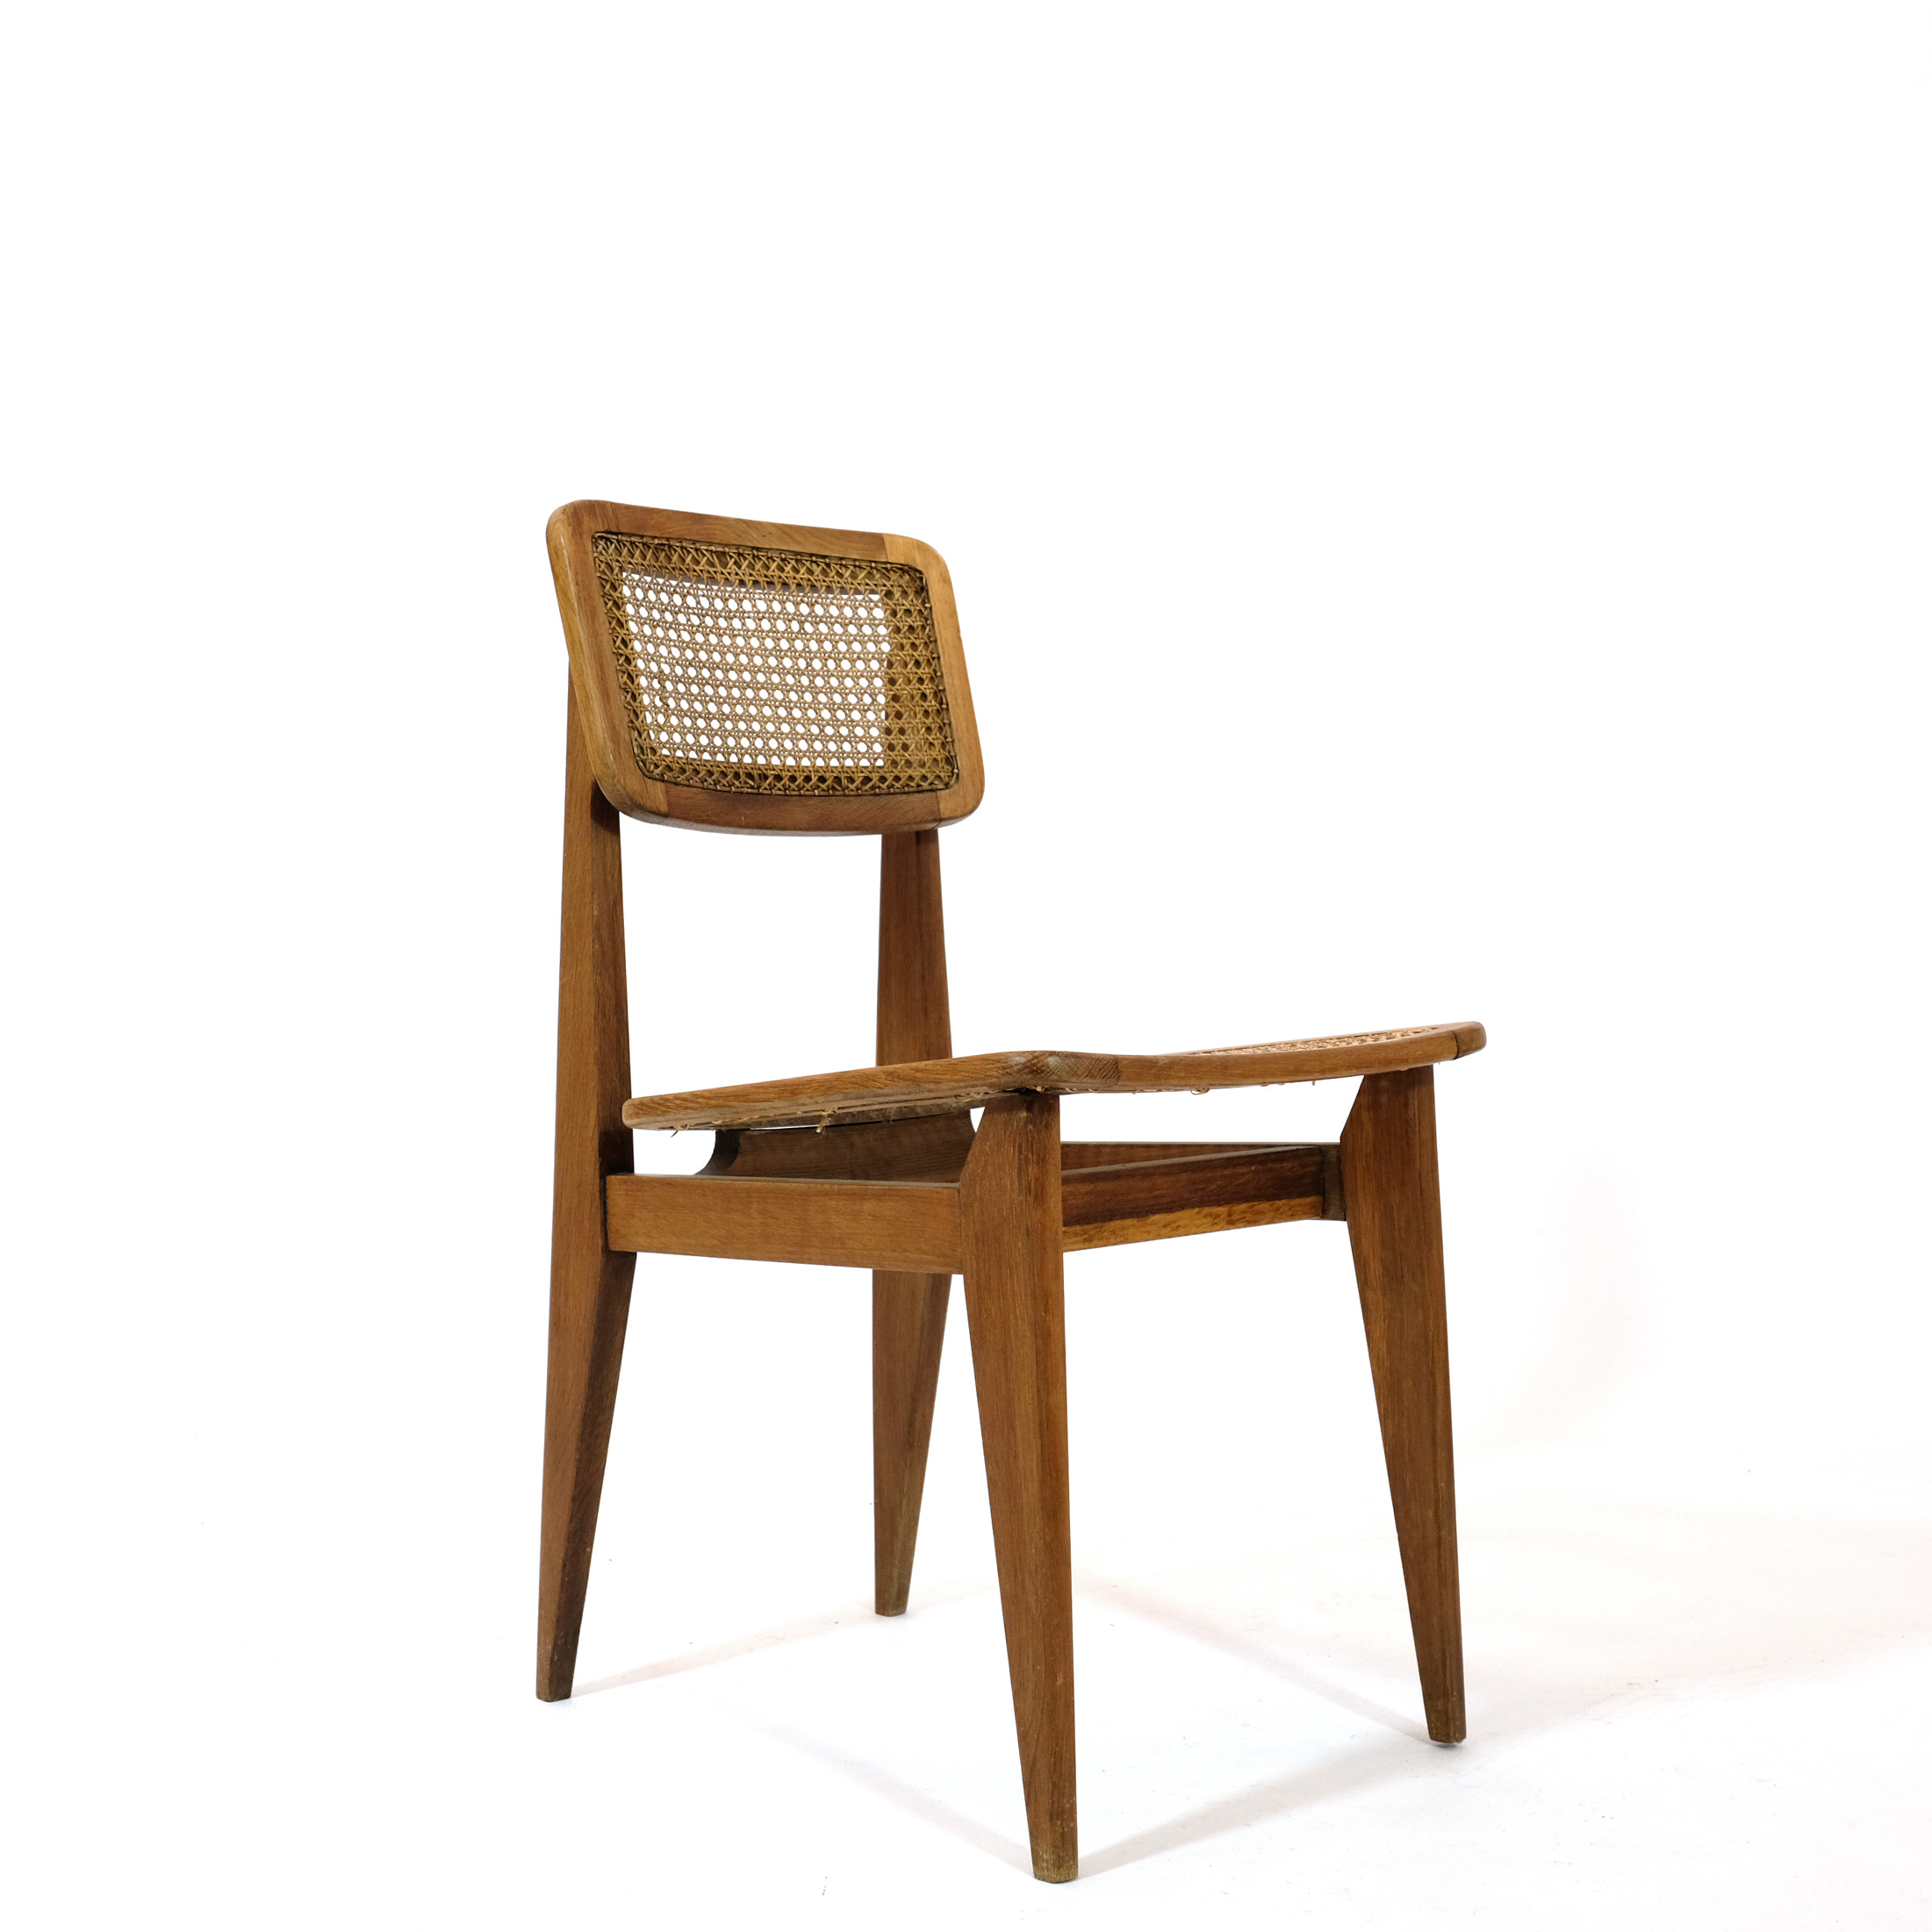 C cane chair, Marcel Gascoin,ARHEC, 1950's.